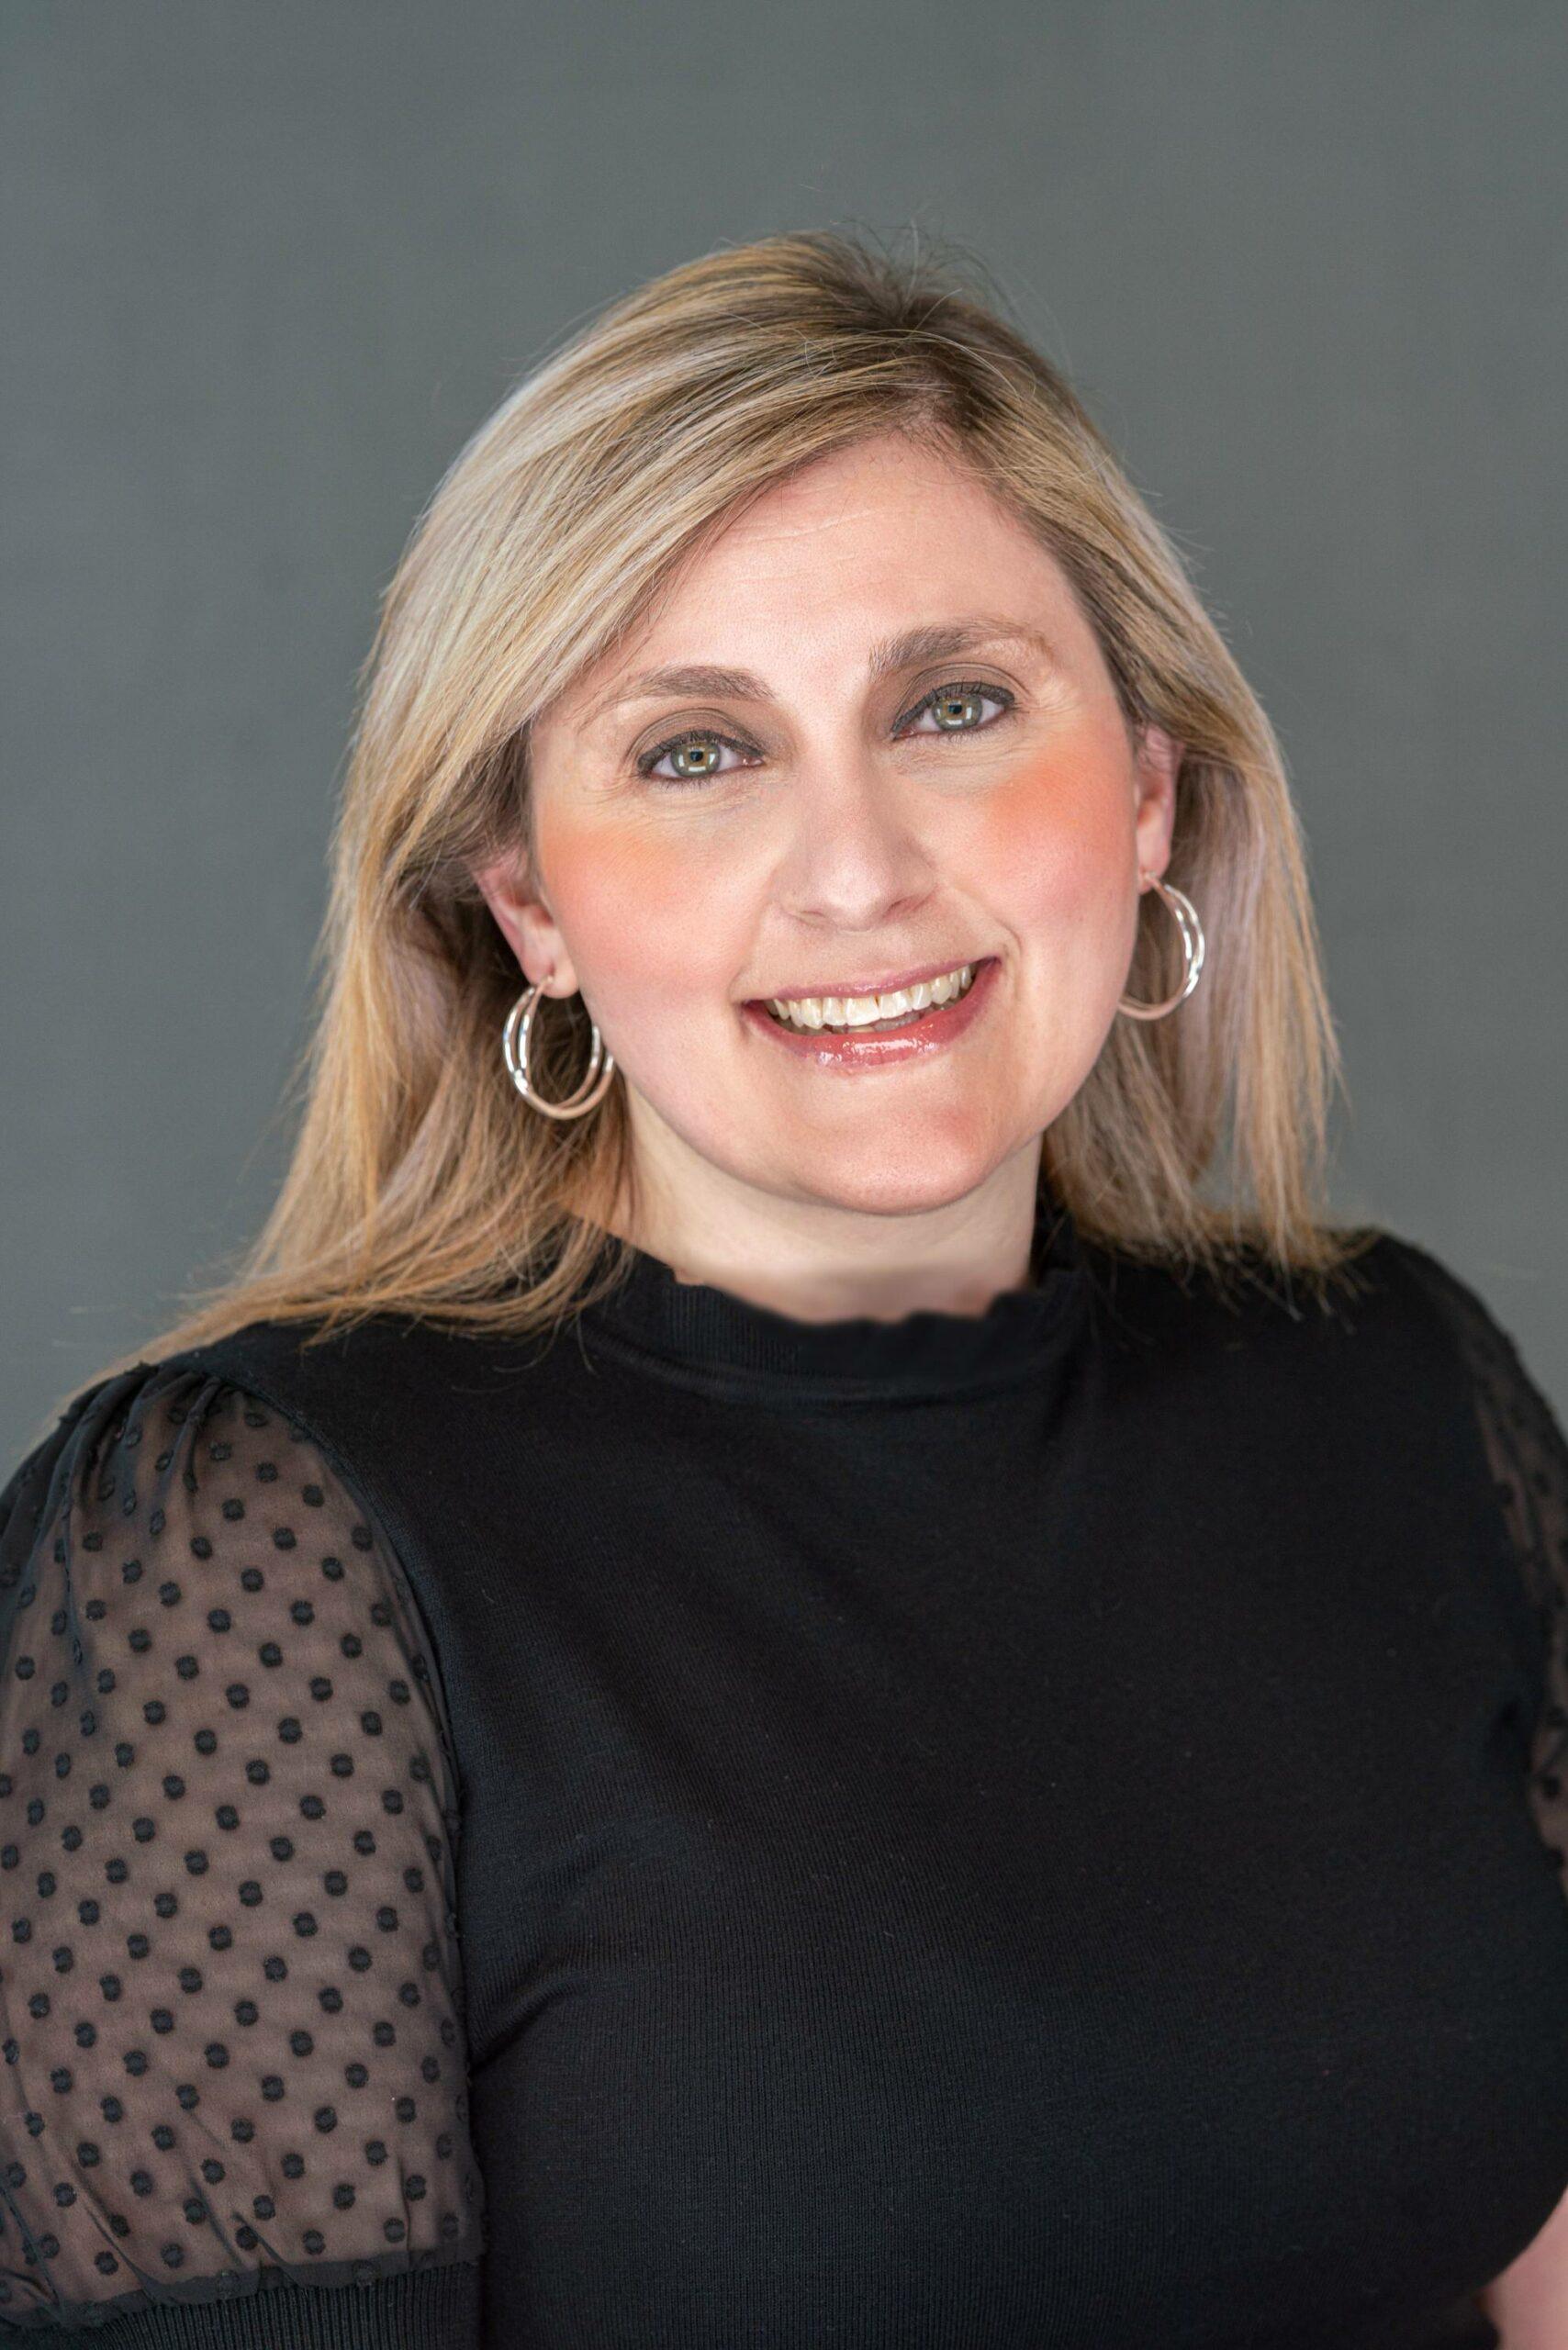 Jenny Shahinian